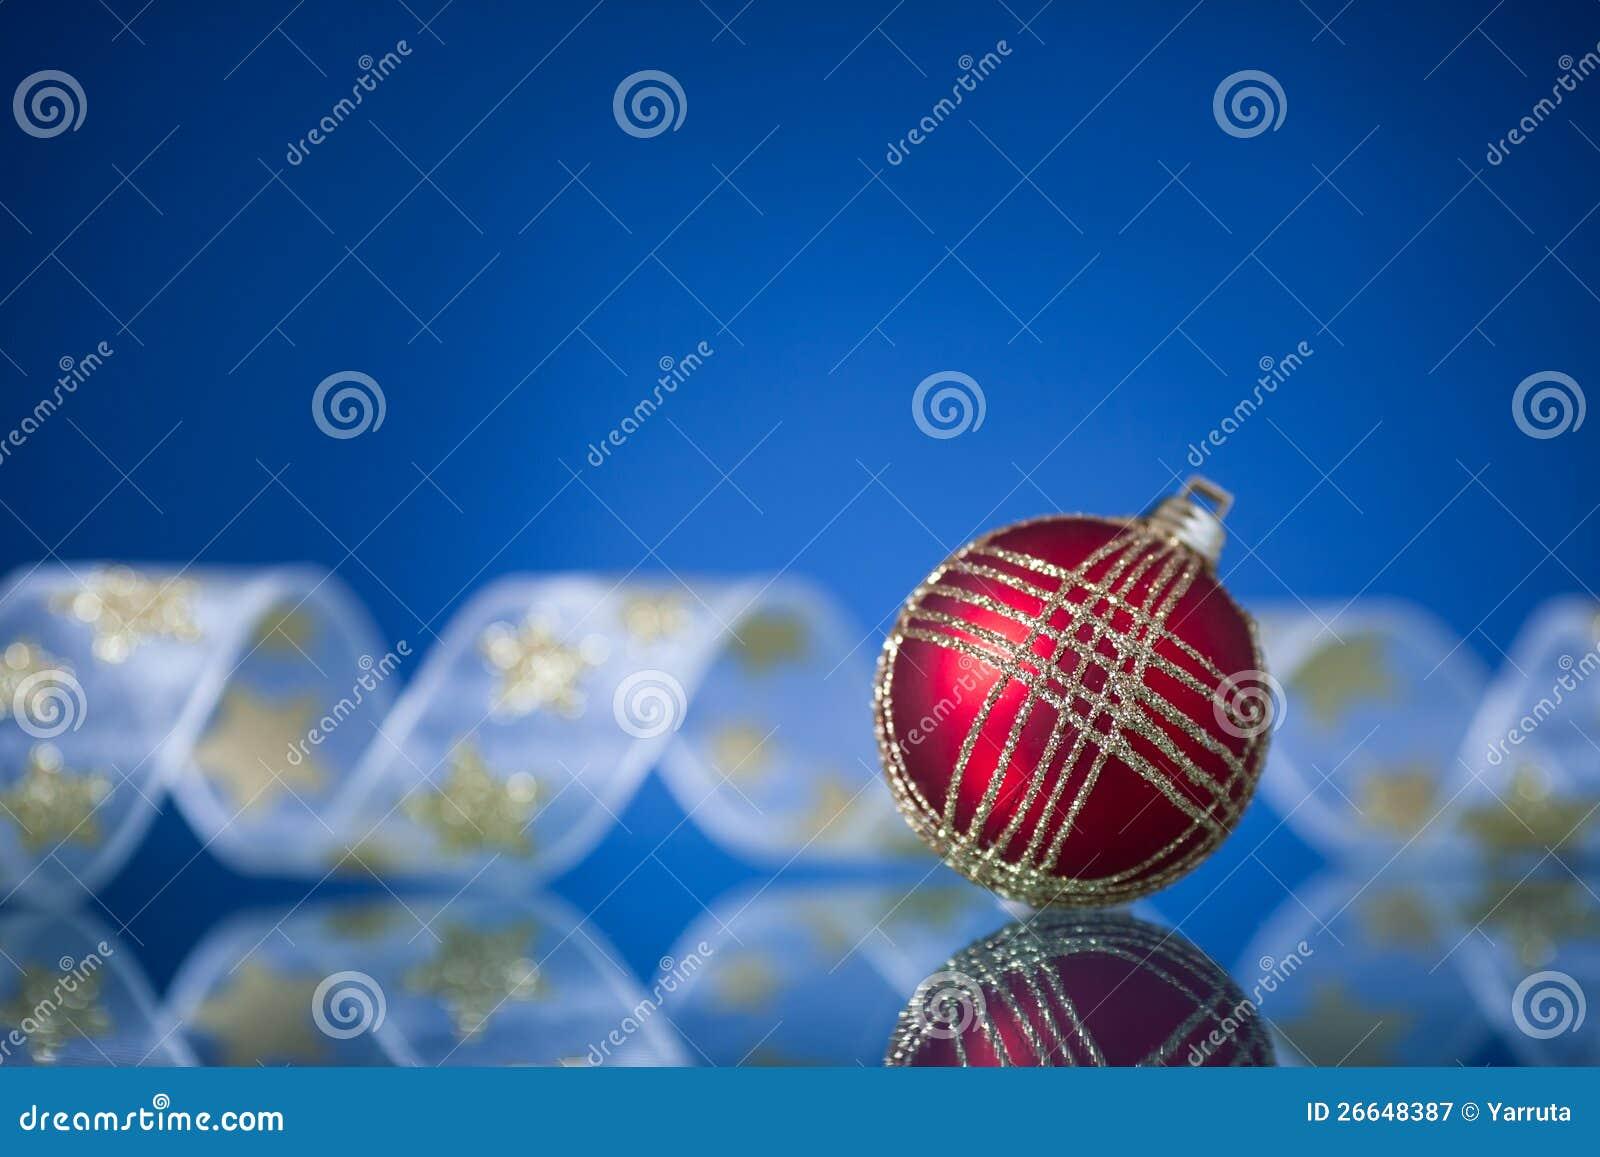 Julboll på blue